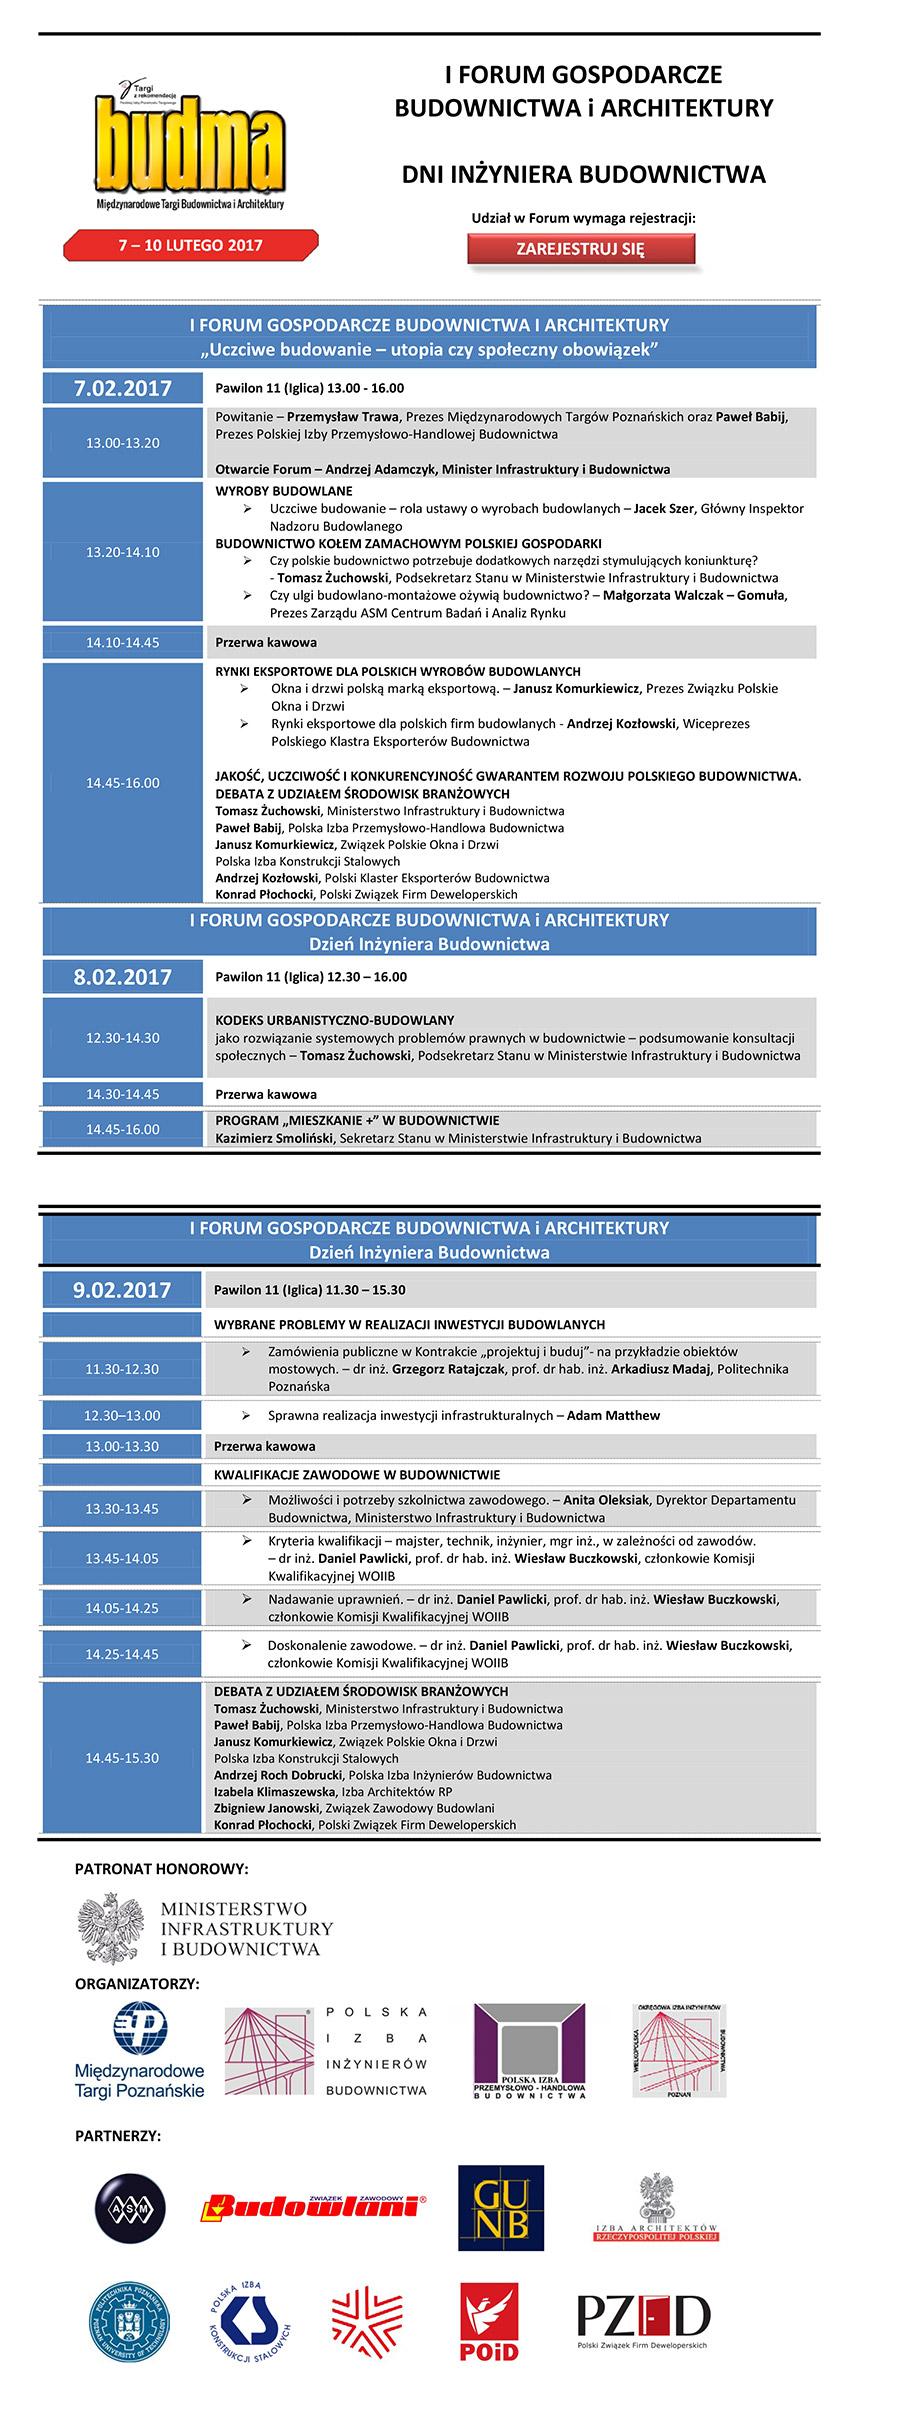 I-Forum-Gospodarcze-Budownictwa-(3)-11212121